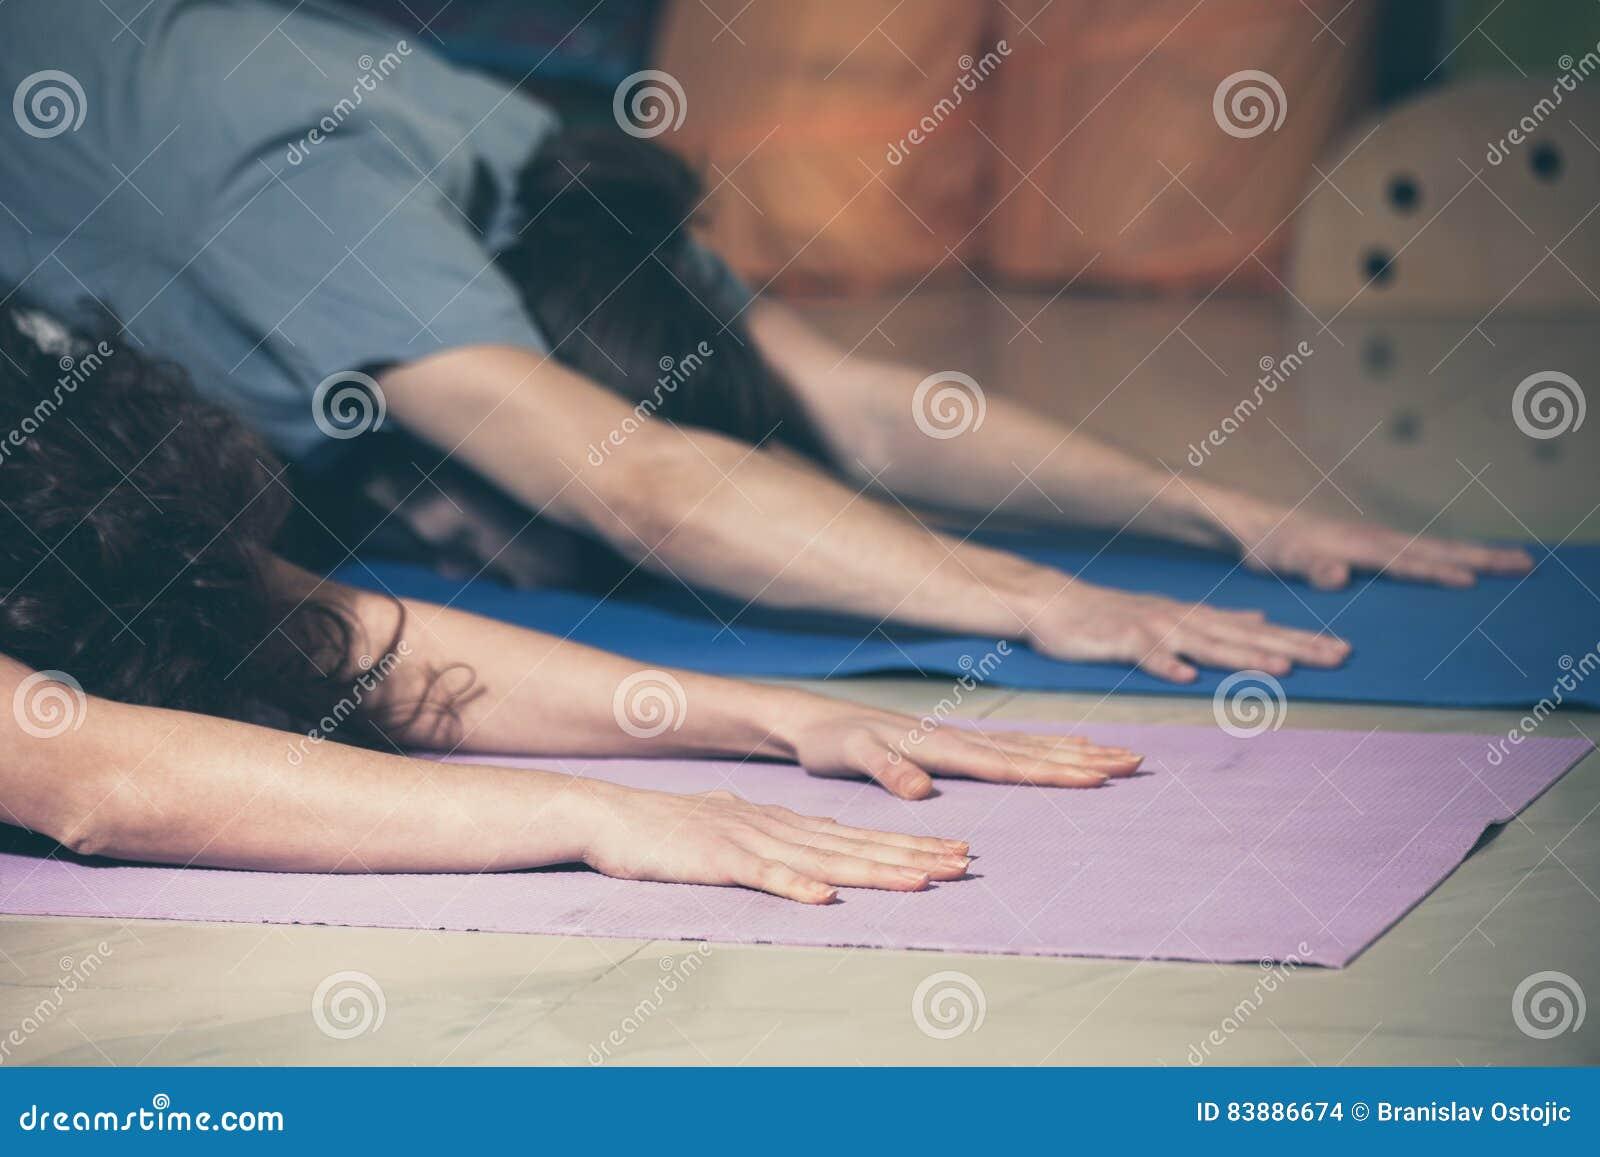 室内瑜伽类的人们